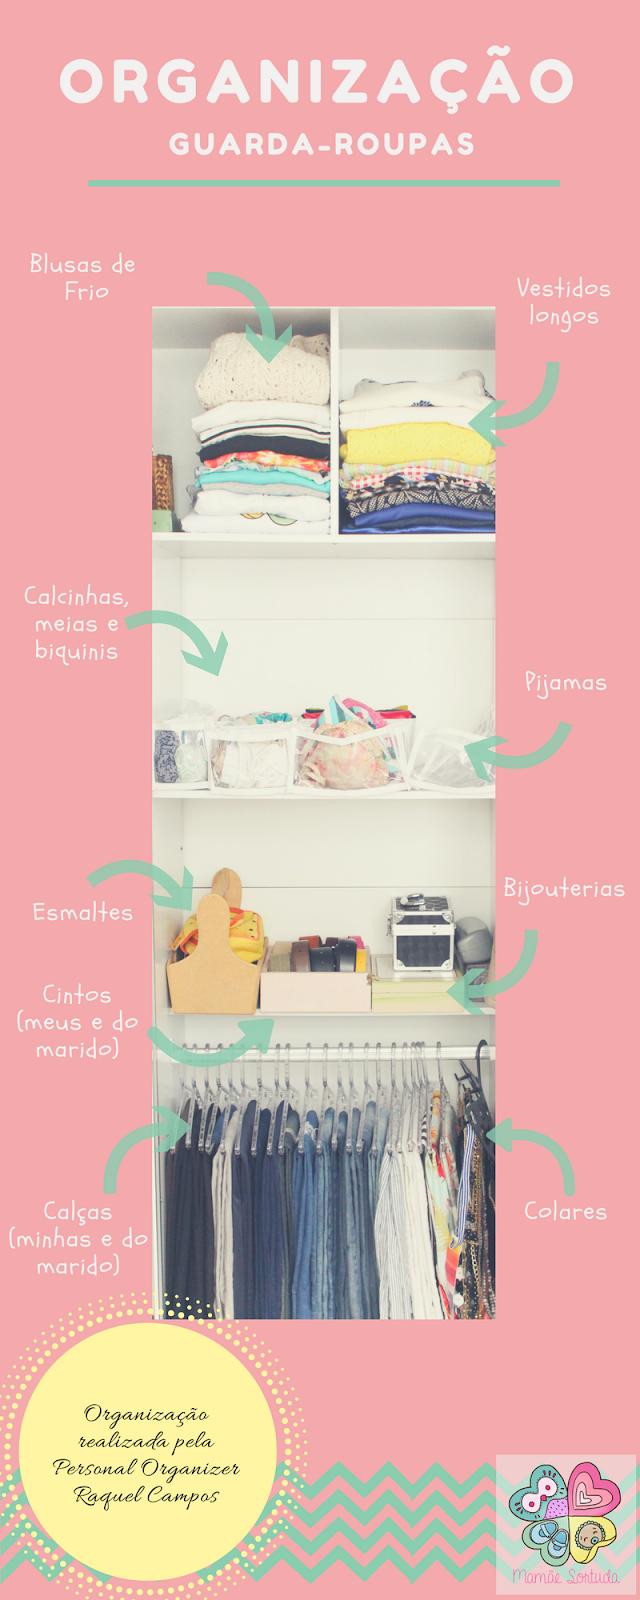 personal organizer, Raquel Campos personal organizer, mamãe sortuda, organização, guarda-roupas, belo horizonte, guarda-roupas casal, guarda-roupas pequeno, dicas, organização casa, Mamãe Criativa,